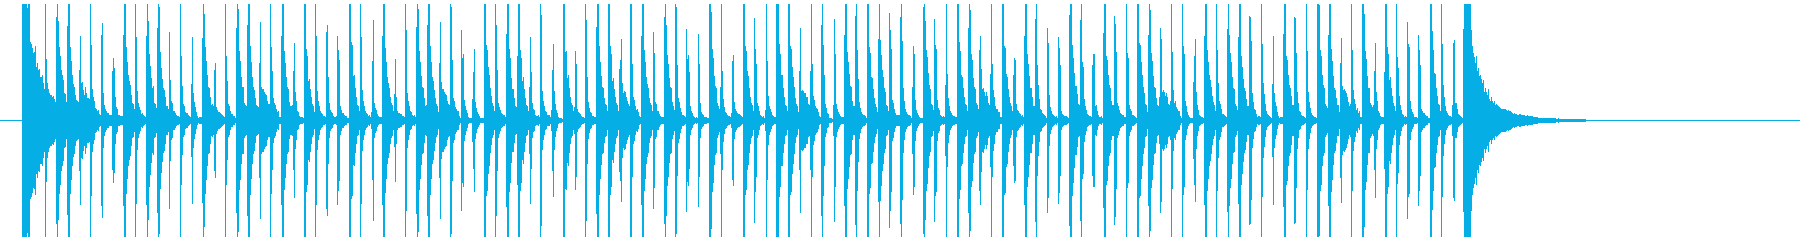 ポップで少しコミカル風!カウントジングルの再生済みの波形